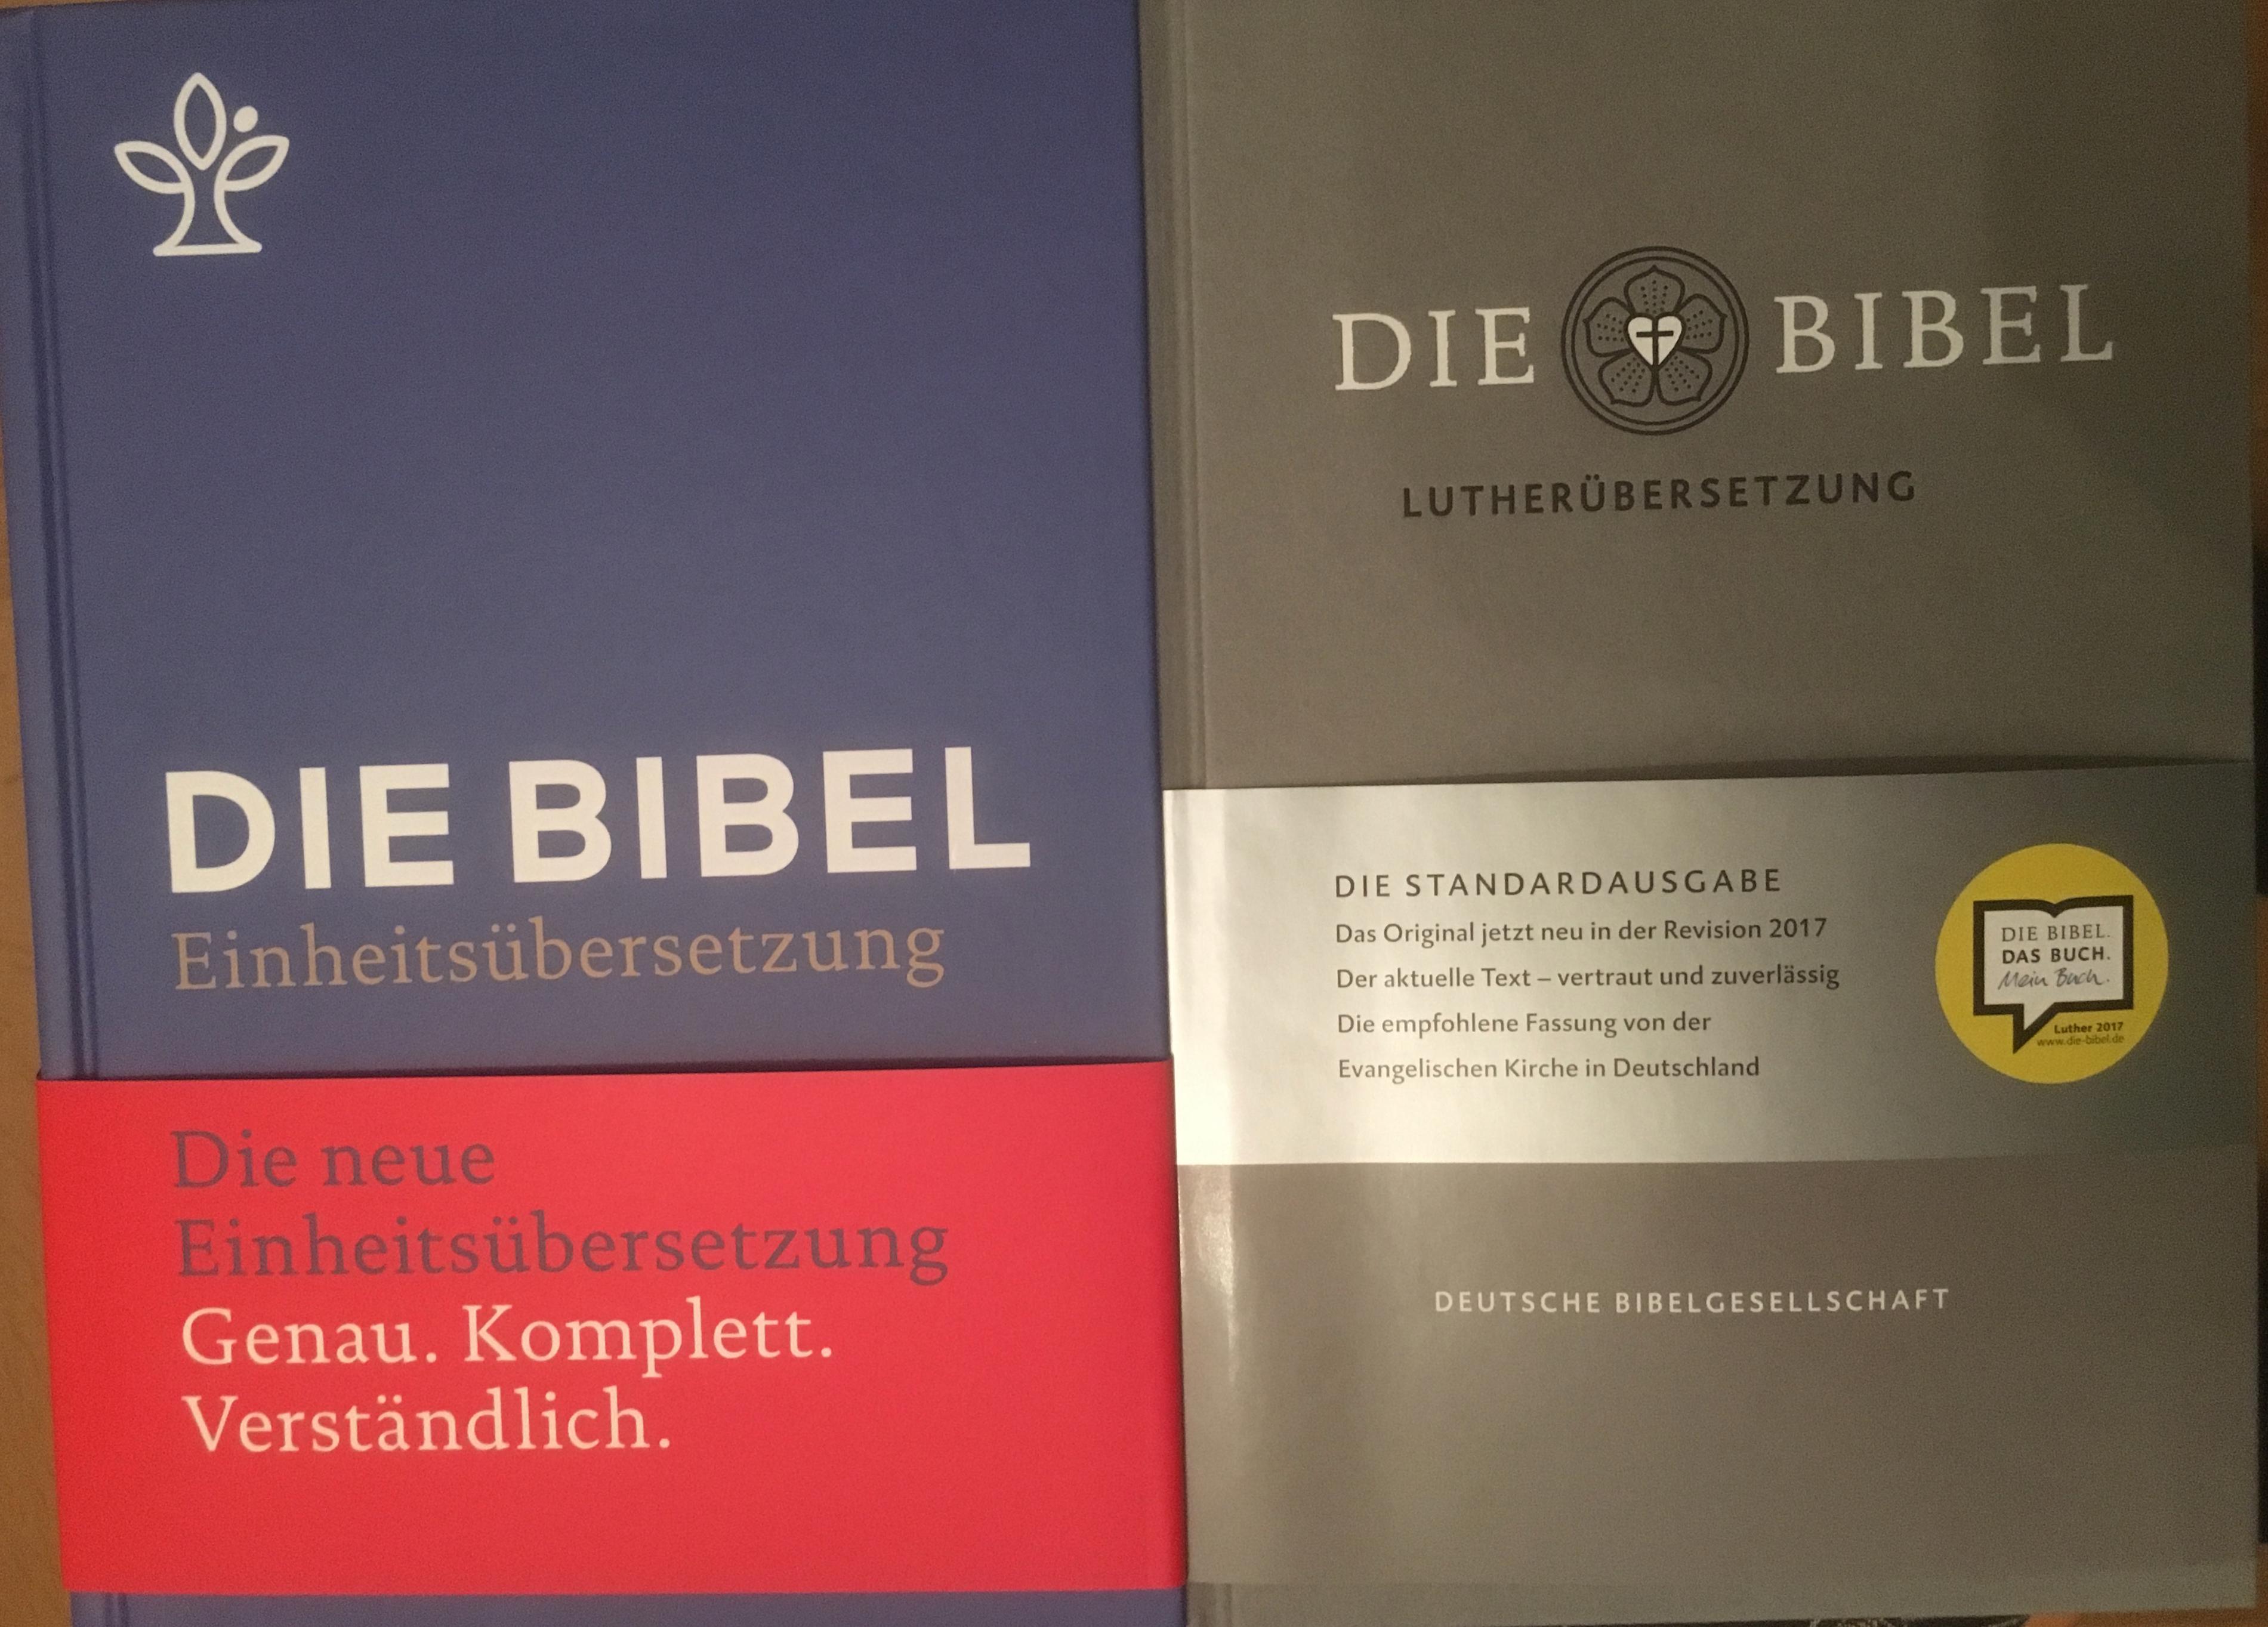 Einheitsübersetzung und Lutherbibel neu